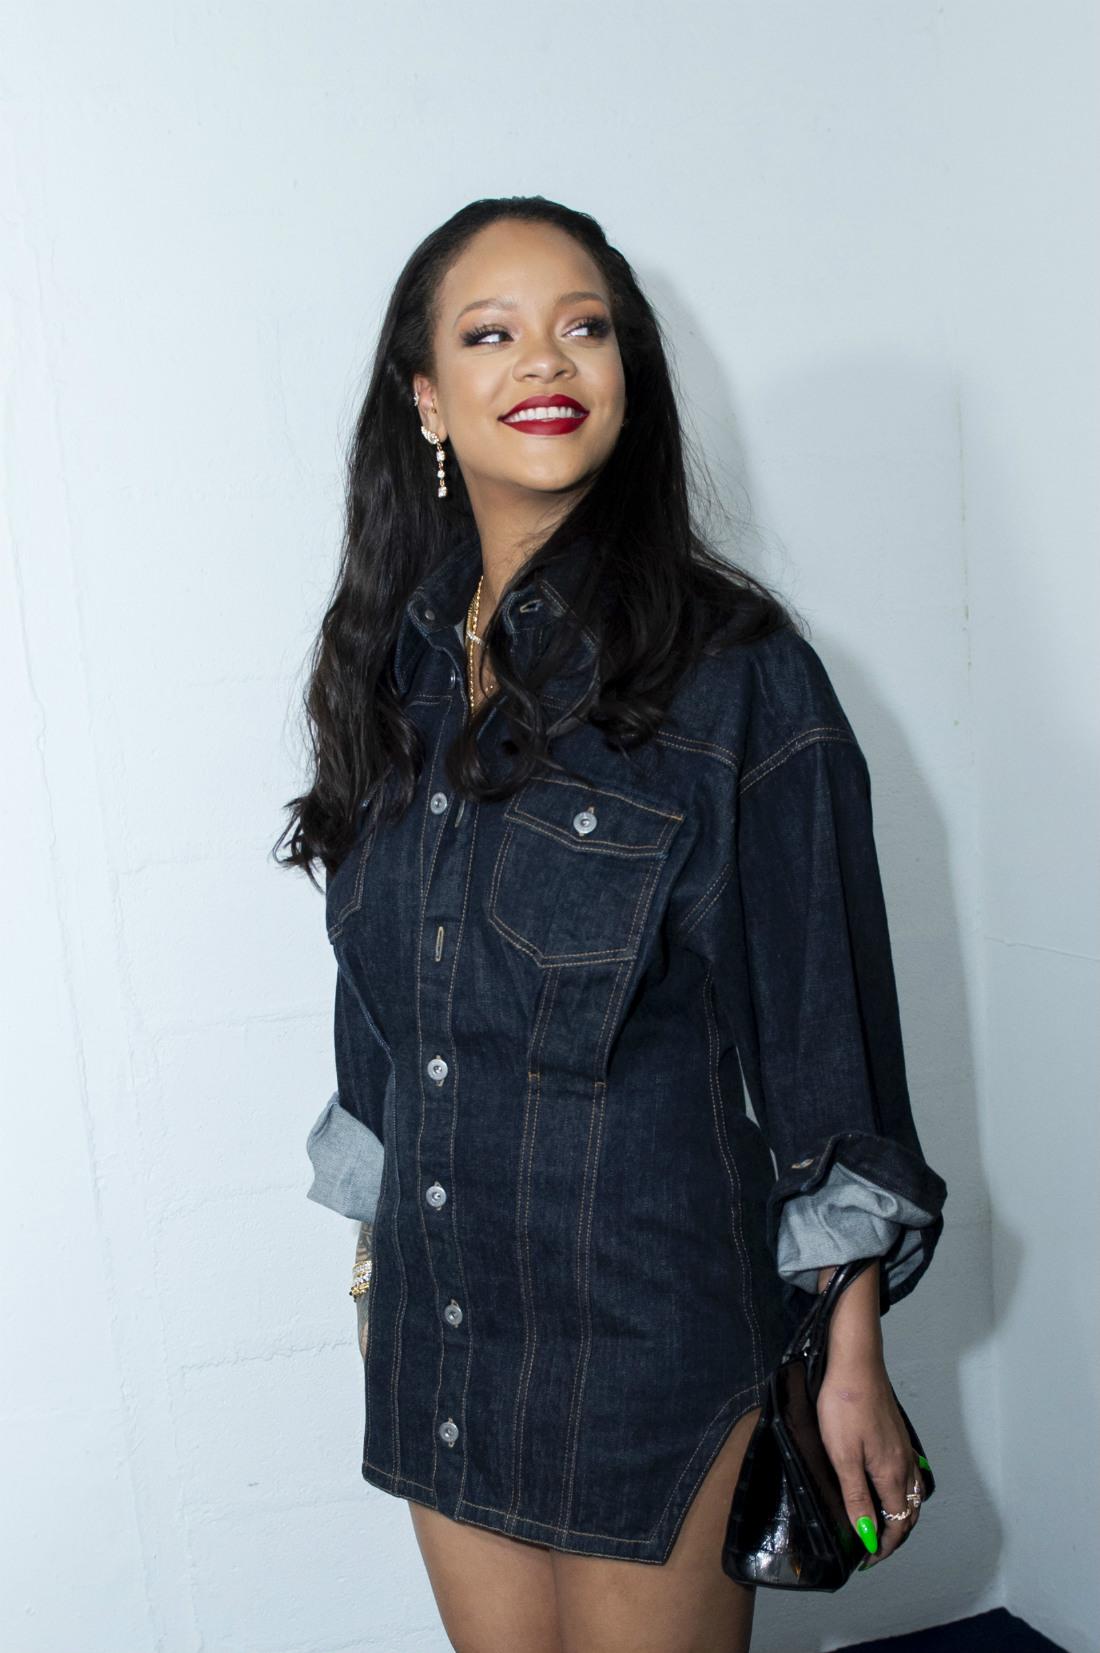 Robyn Rihanna Fenty, czyli liderka – ojej współpracy zLouis Vuitton